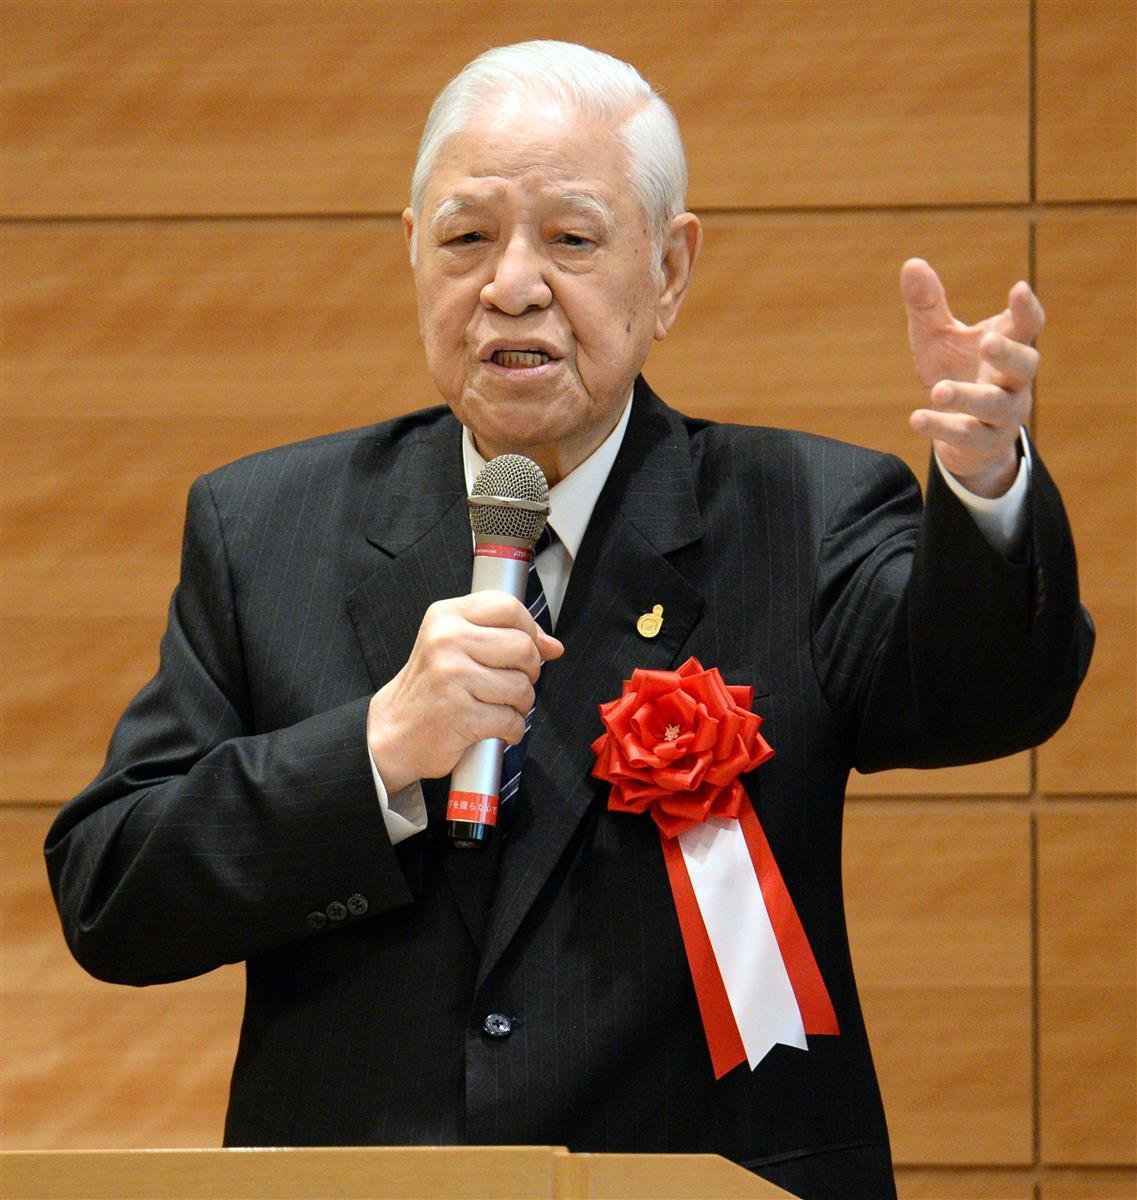 講演する台湾の李登輝元総統=2015年7月22日午後、衆院第1議員会館(酒巻俊介撮影)